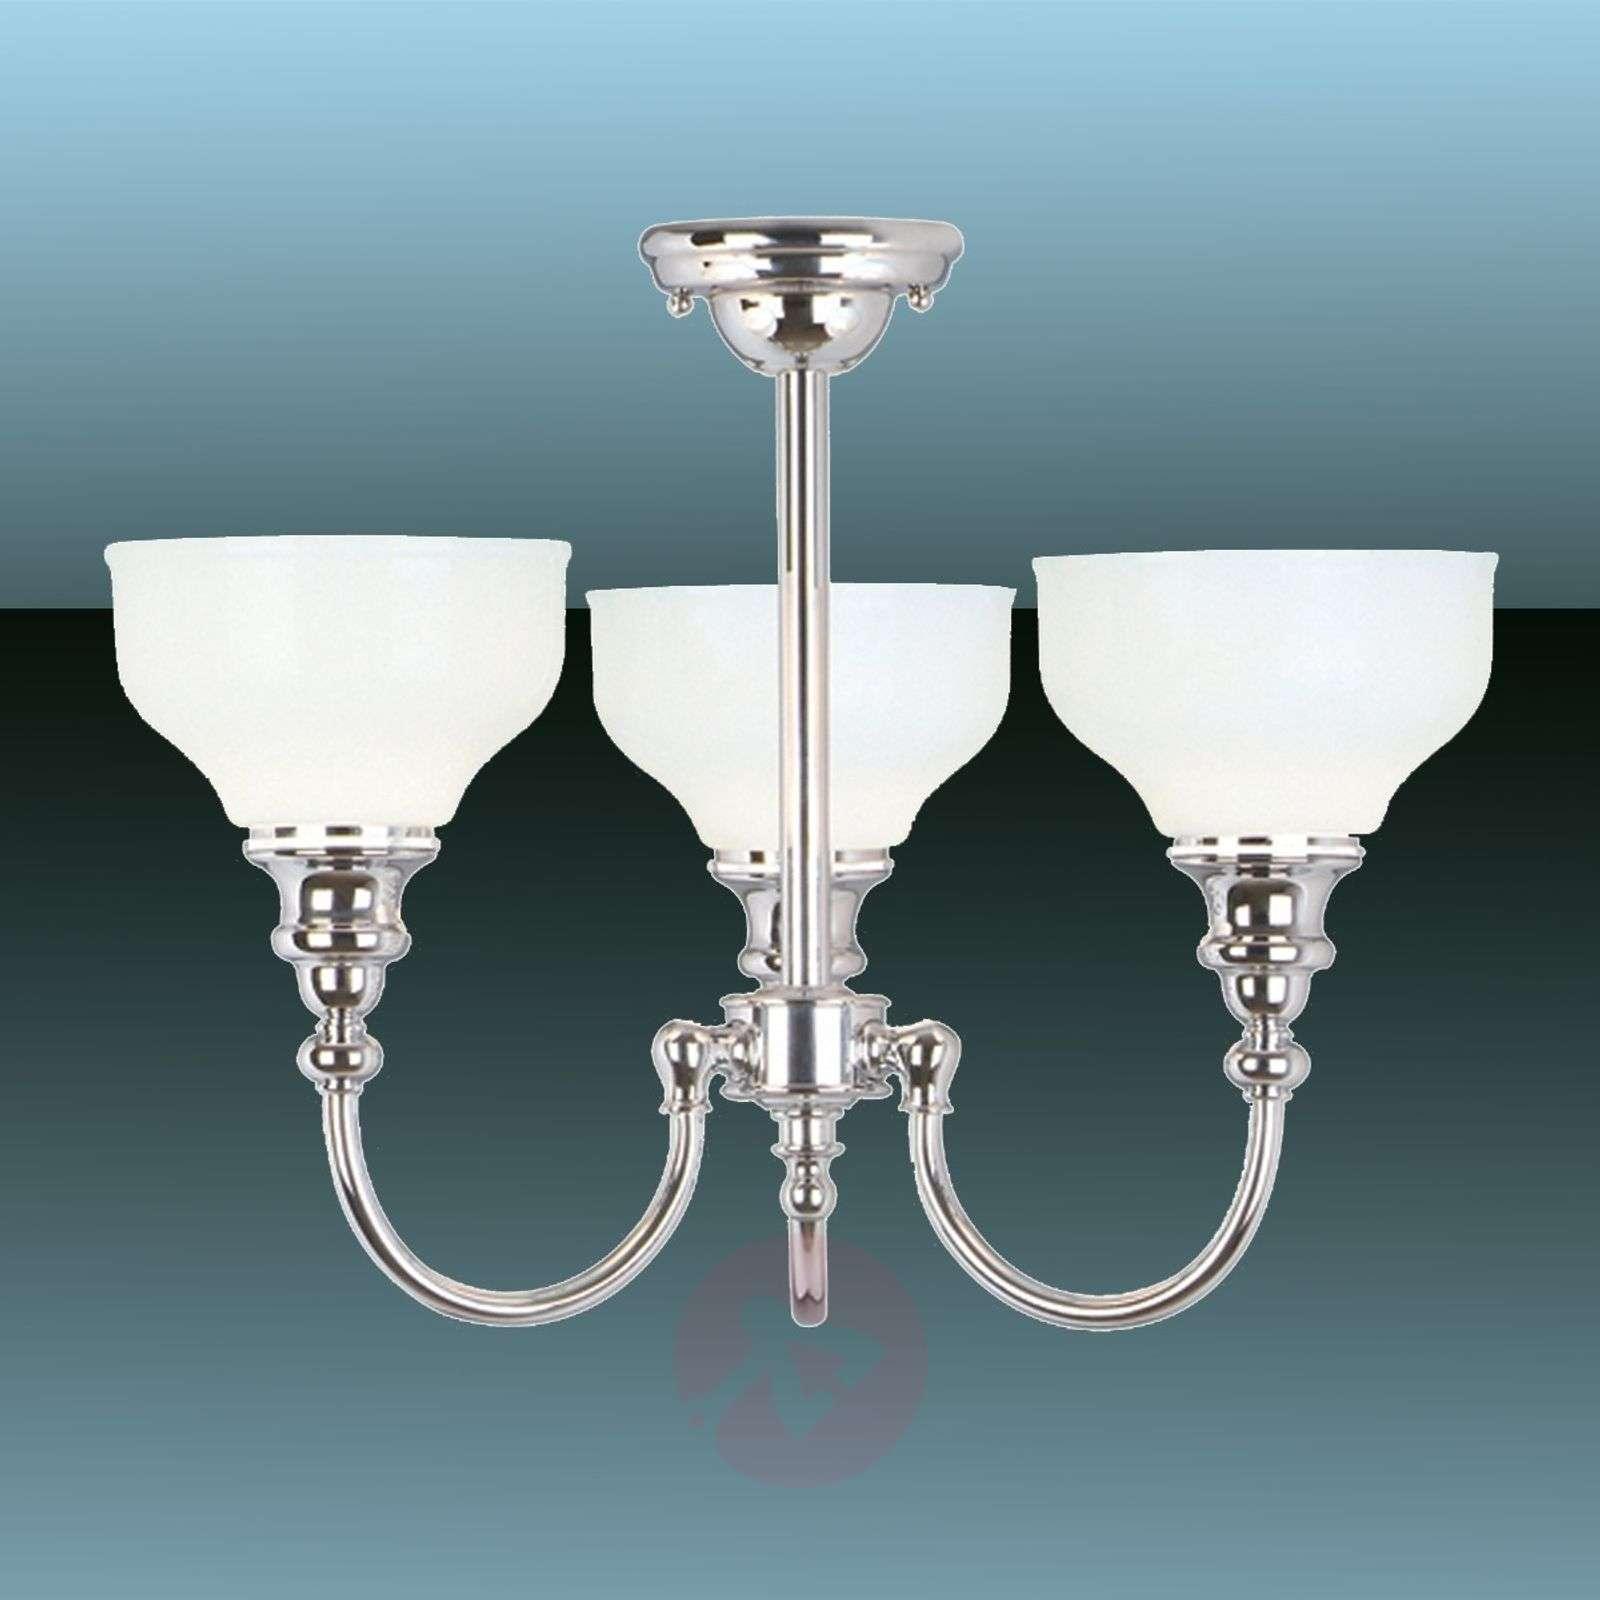 3 lampun Cheadle-kattovalaisin kylpyhuoneeseen-3048149-01